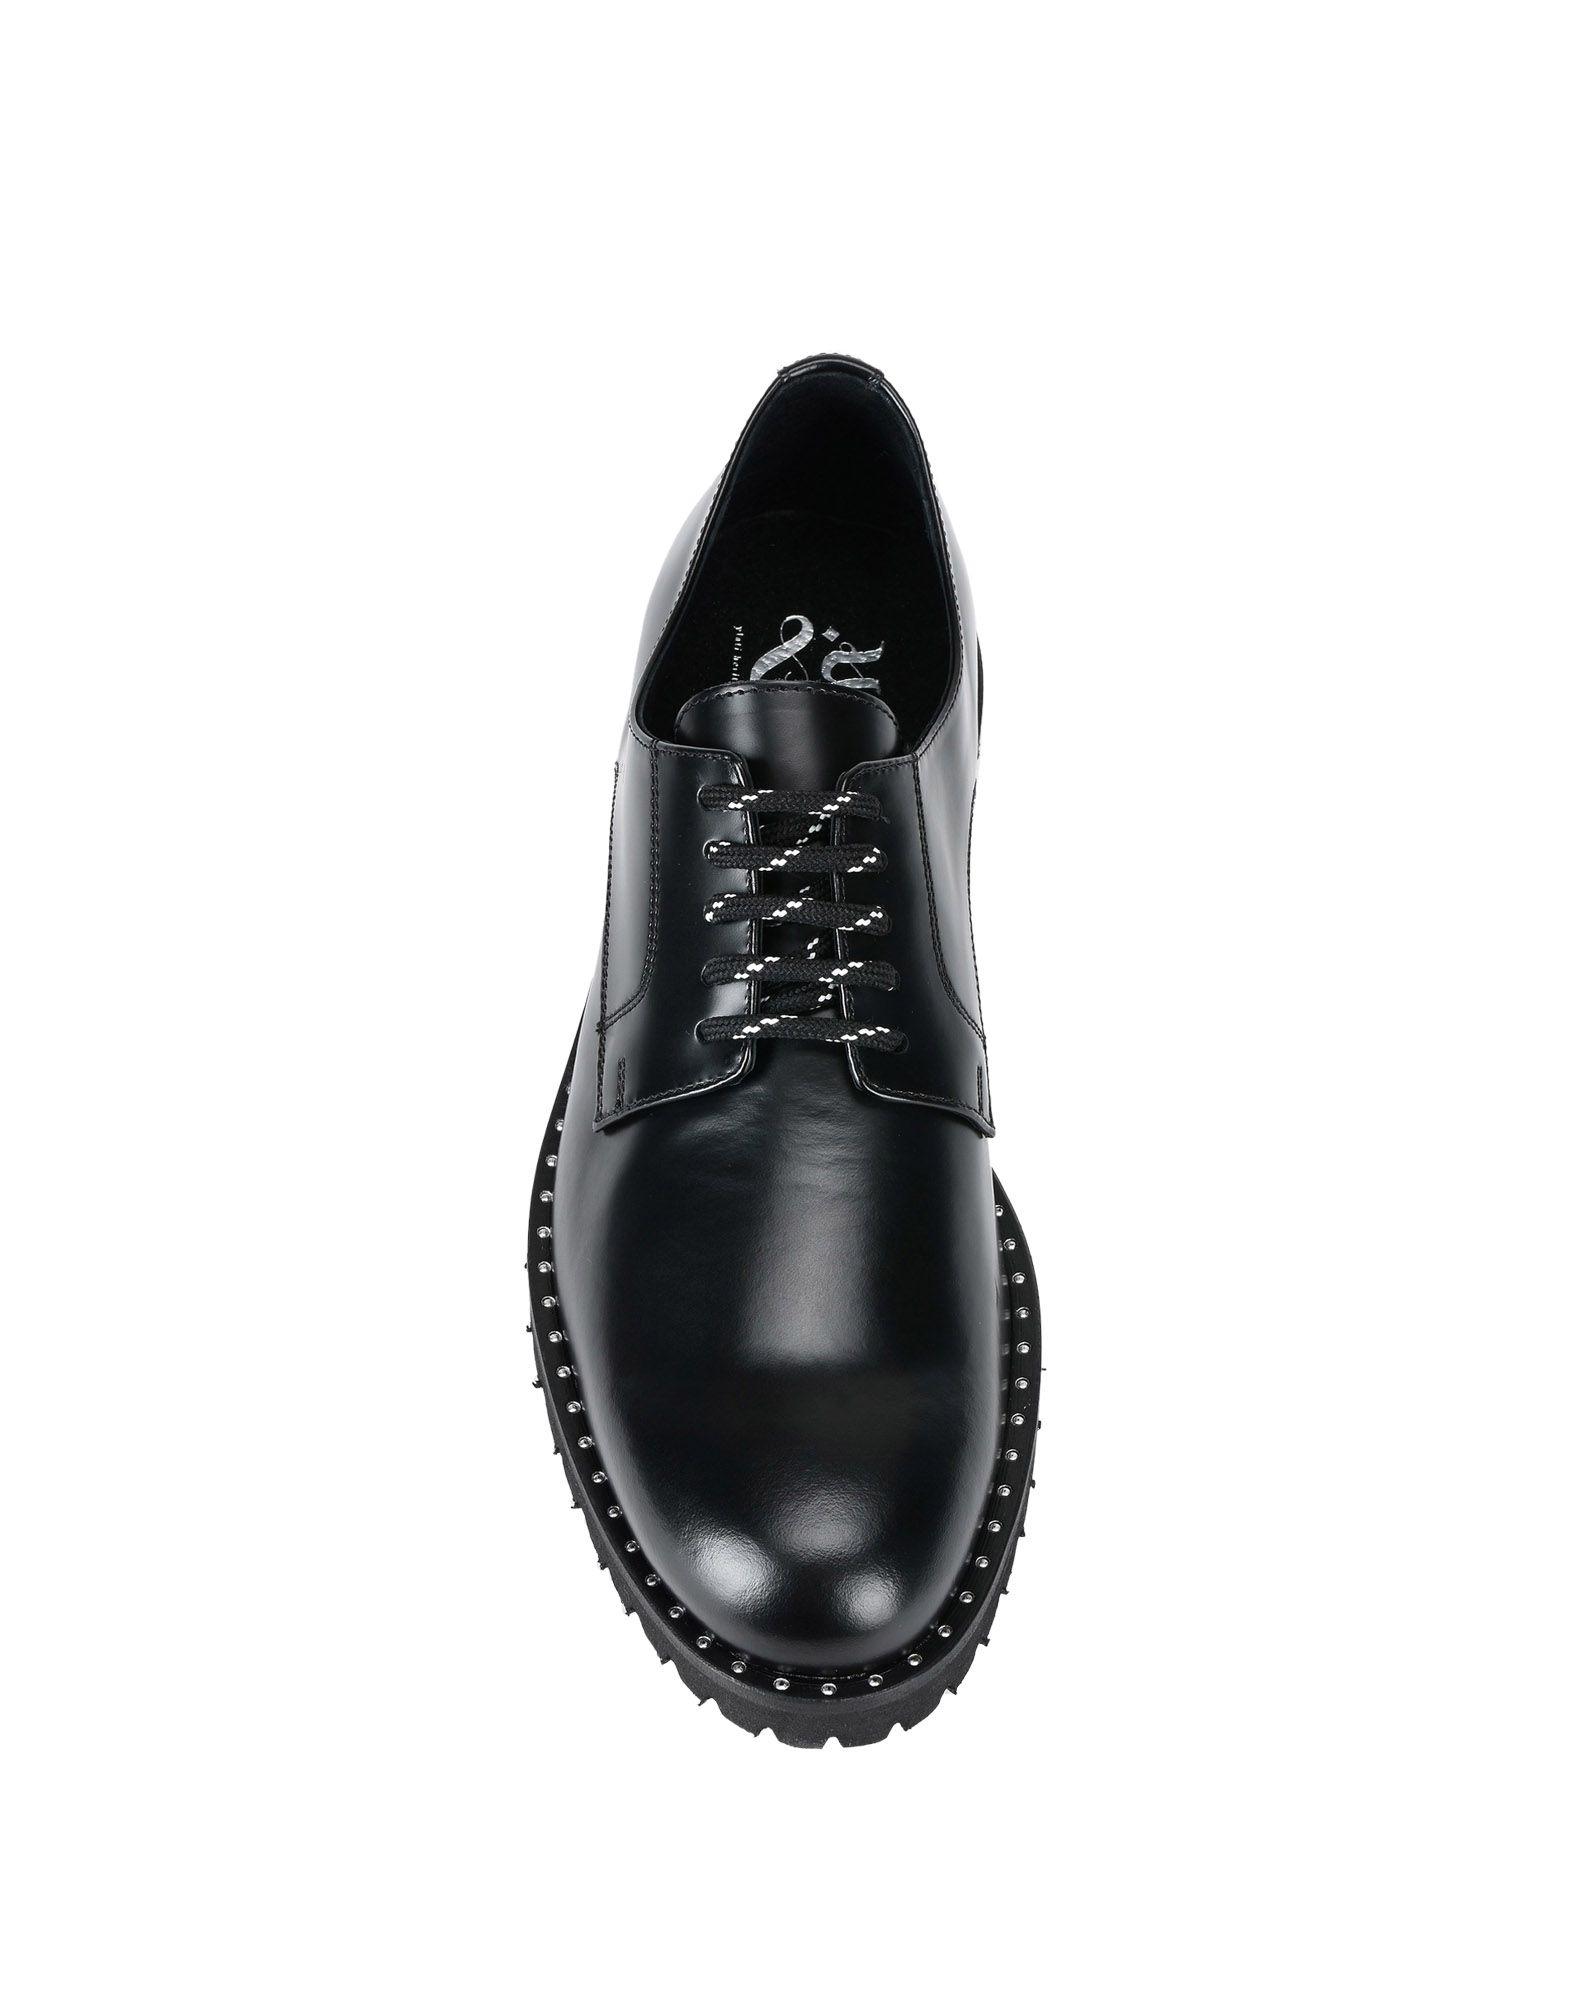 Ylati Heritage Schnürschuhe Herren  11483212NJ Gute Qualität beliebte Schuhe